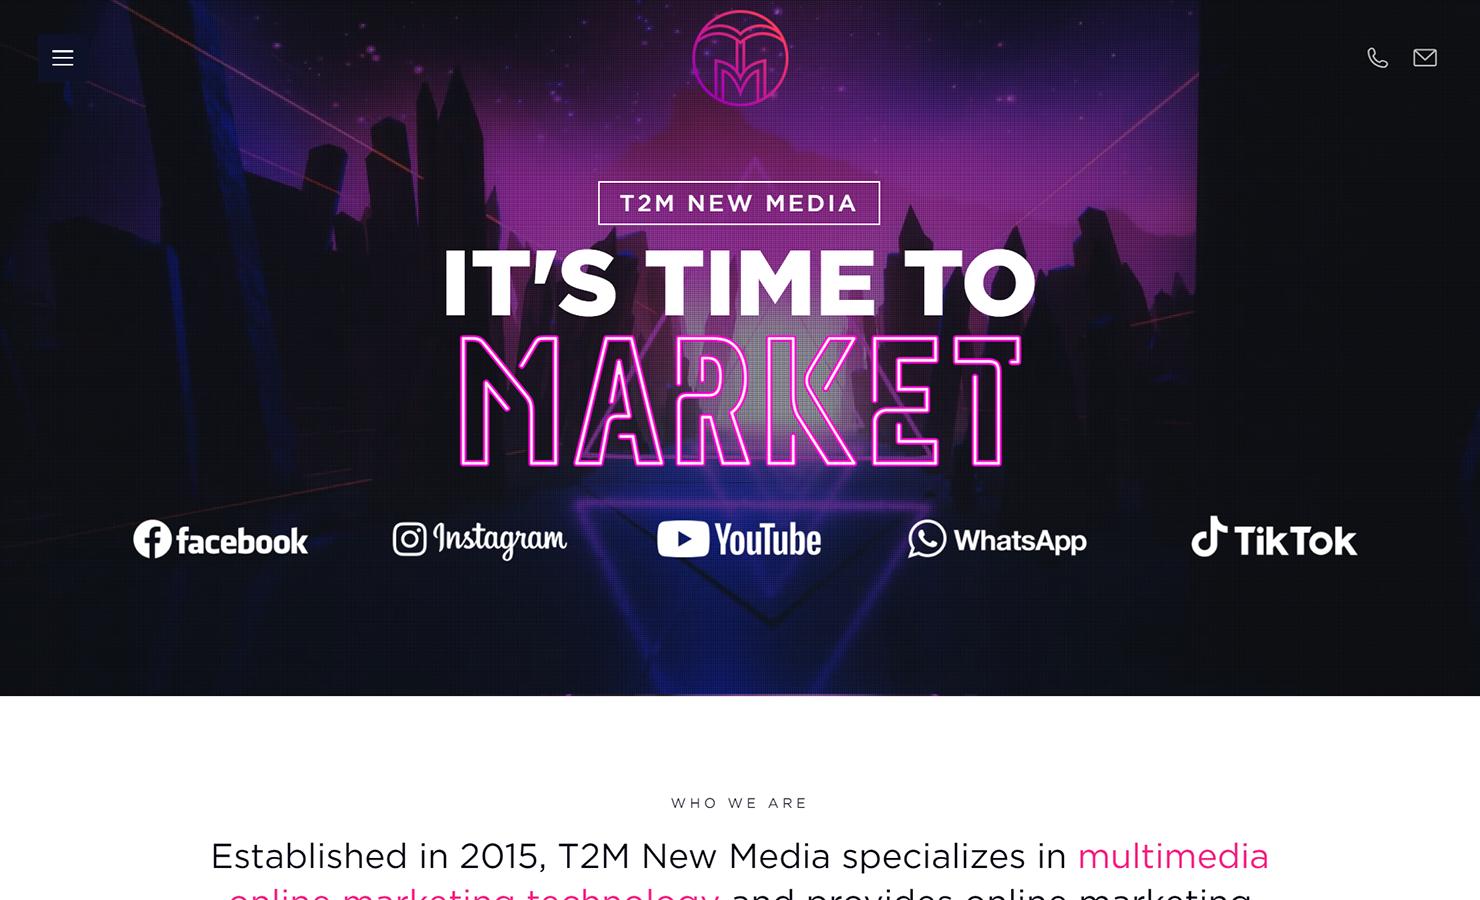 T2M New Media